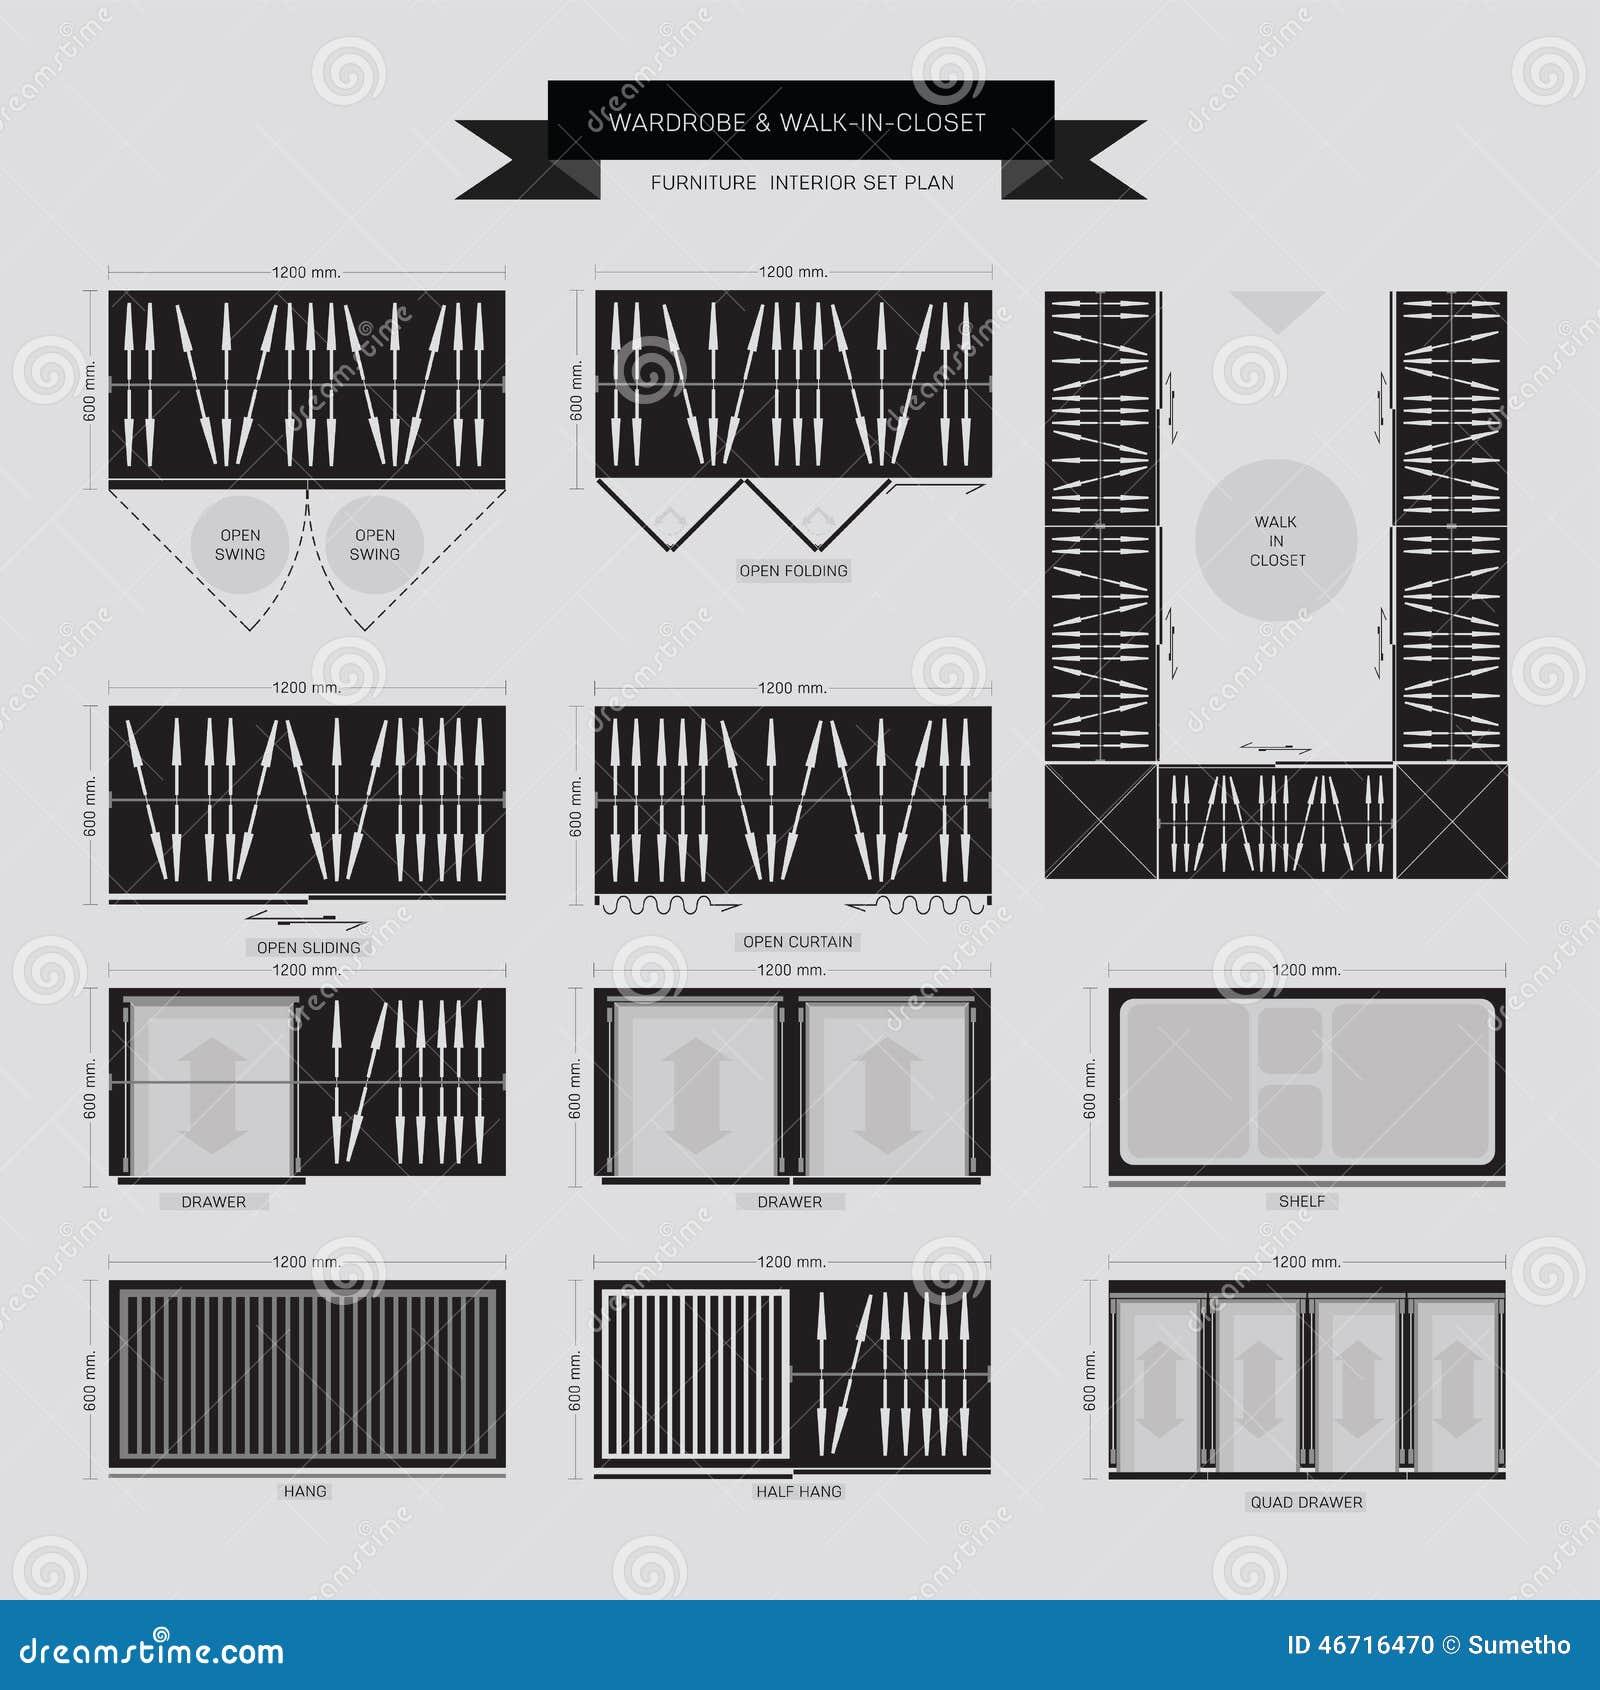 Garderobe und Weg in der Wandschrank Möbel-Ikone